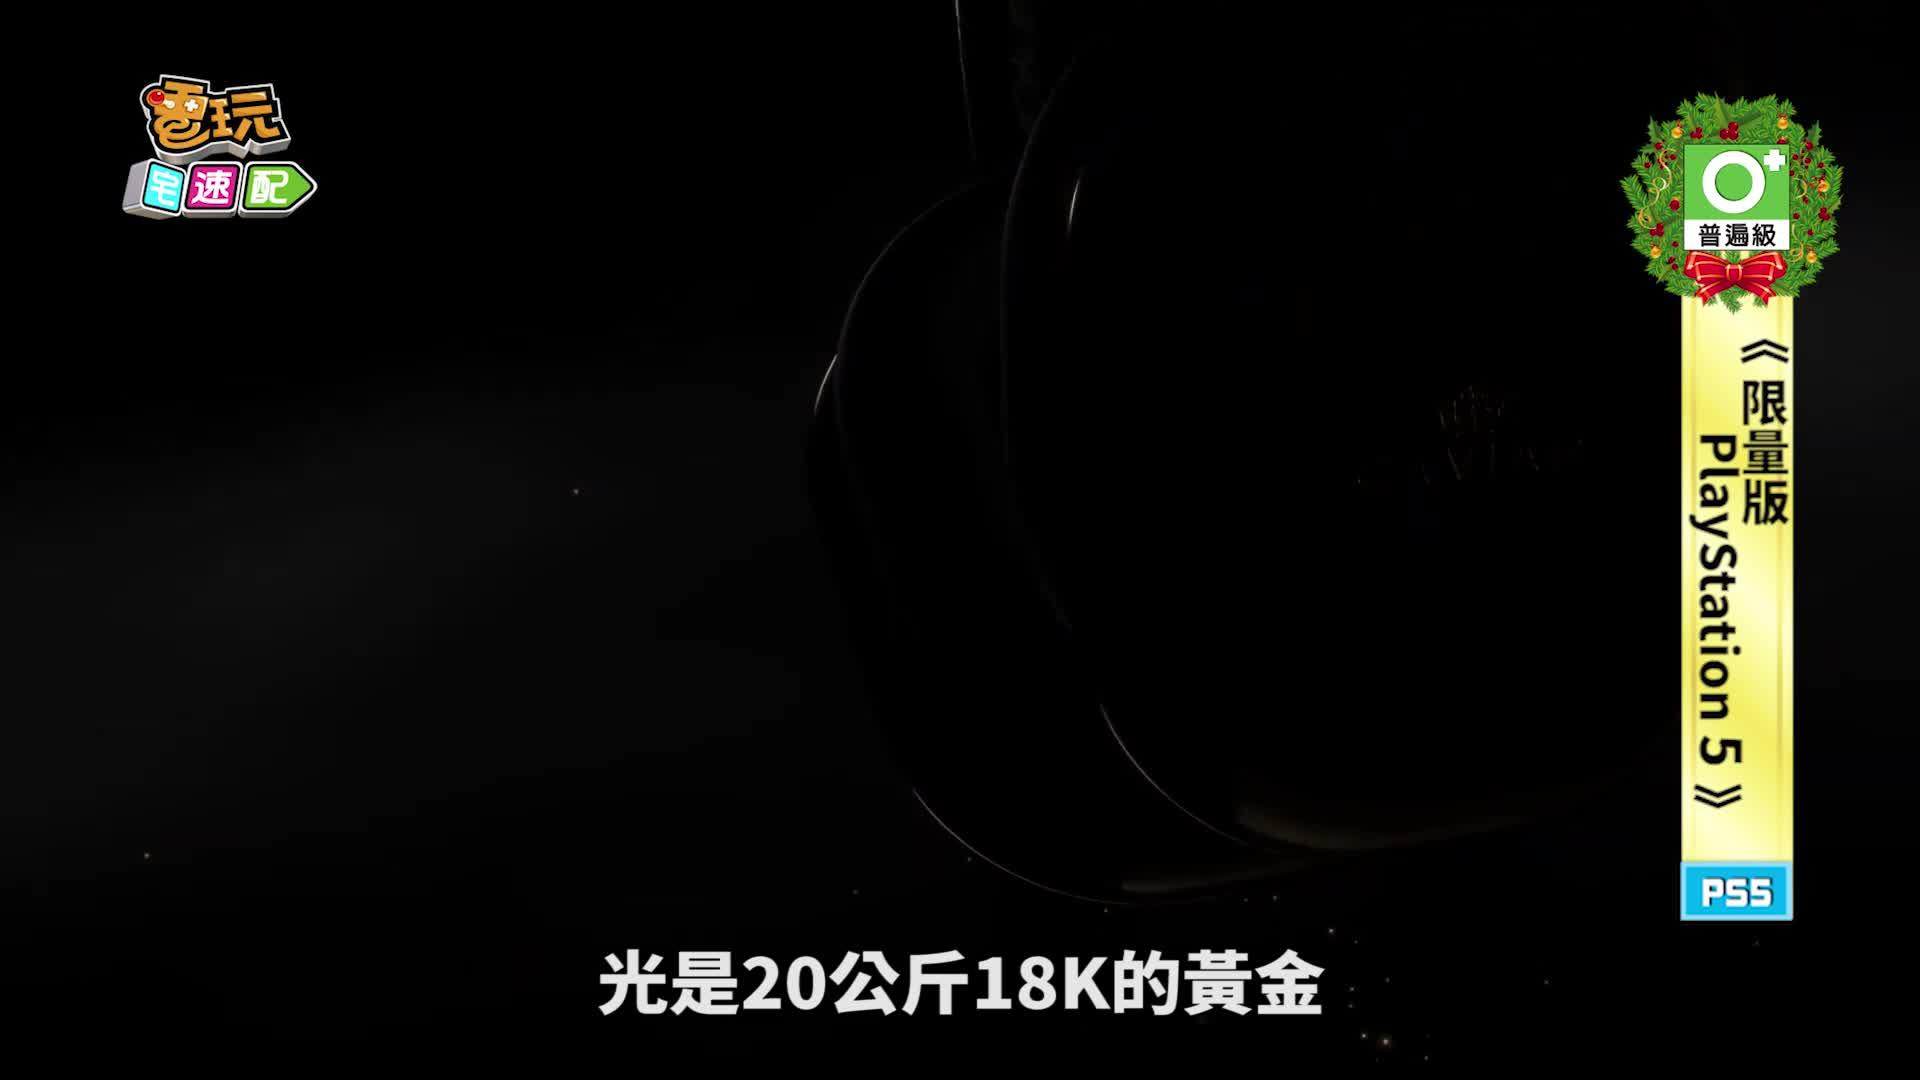 奢華品牌Caviar打造「純金」PS5主機!價格竟預計...